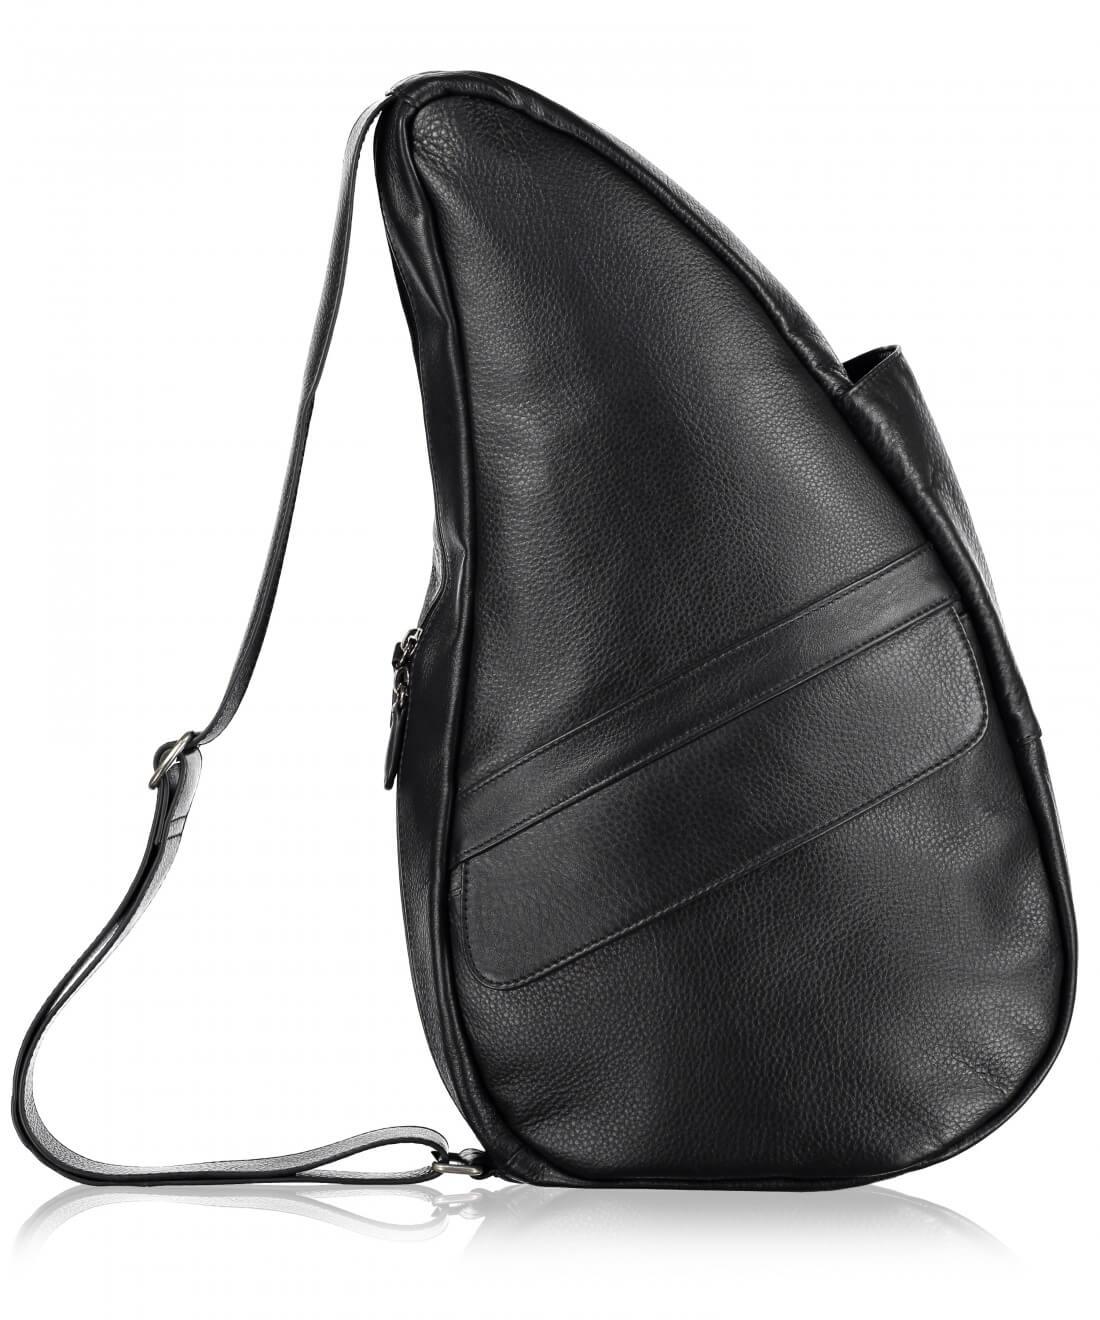 Healthy Back Bag Leather Black M-21481